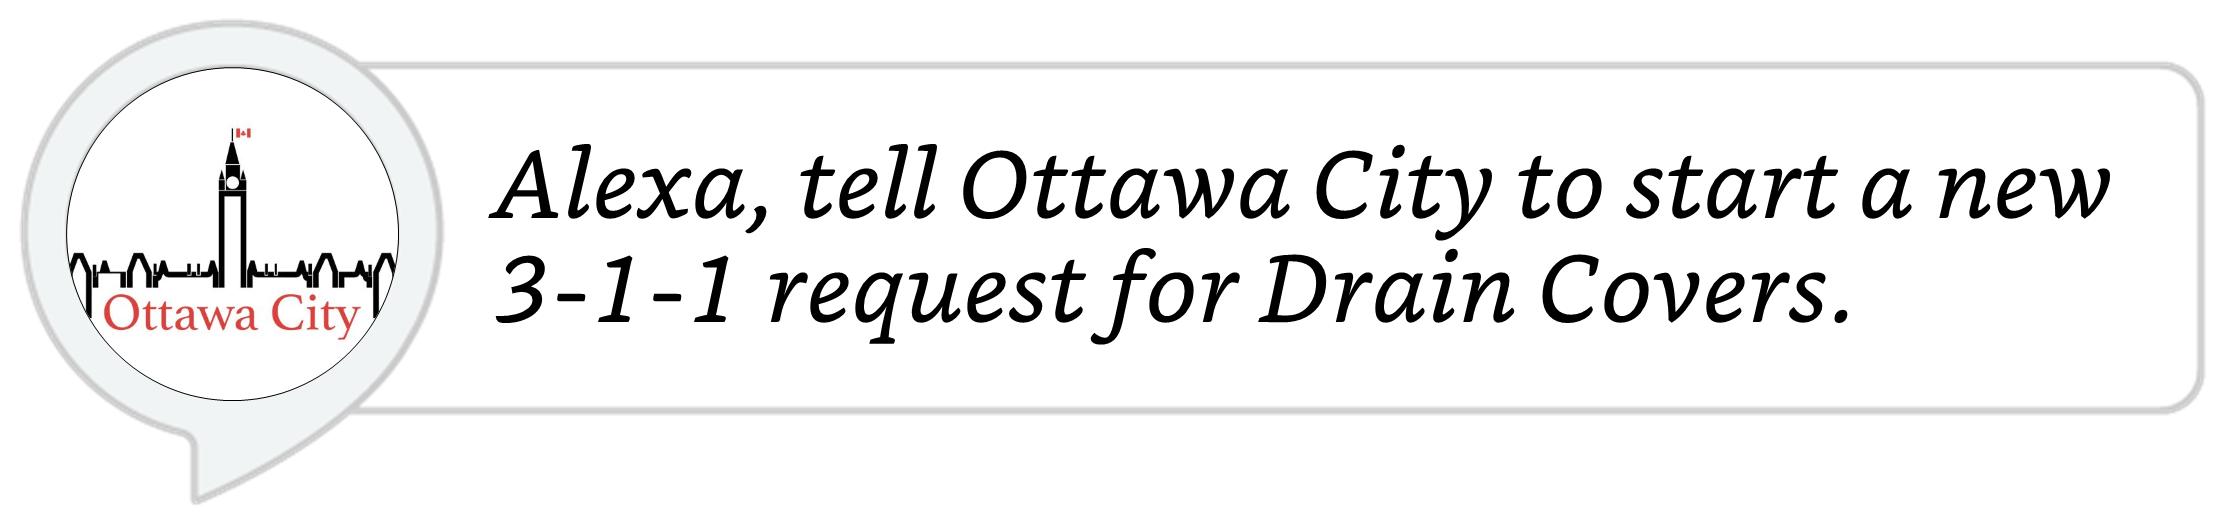 Ottawa City 311 service utterance